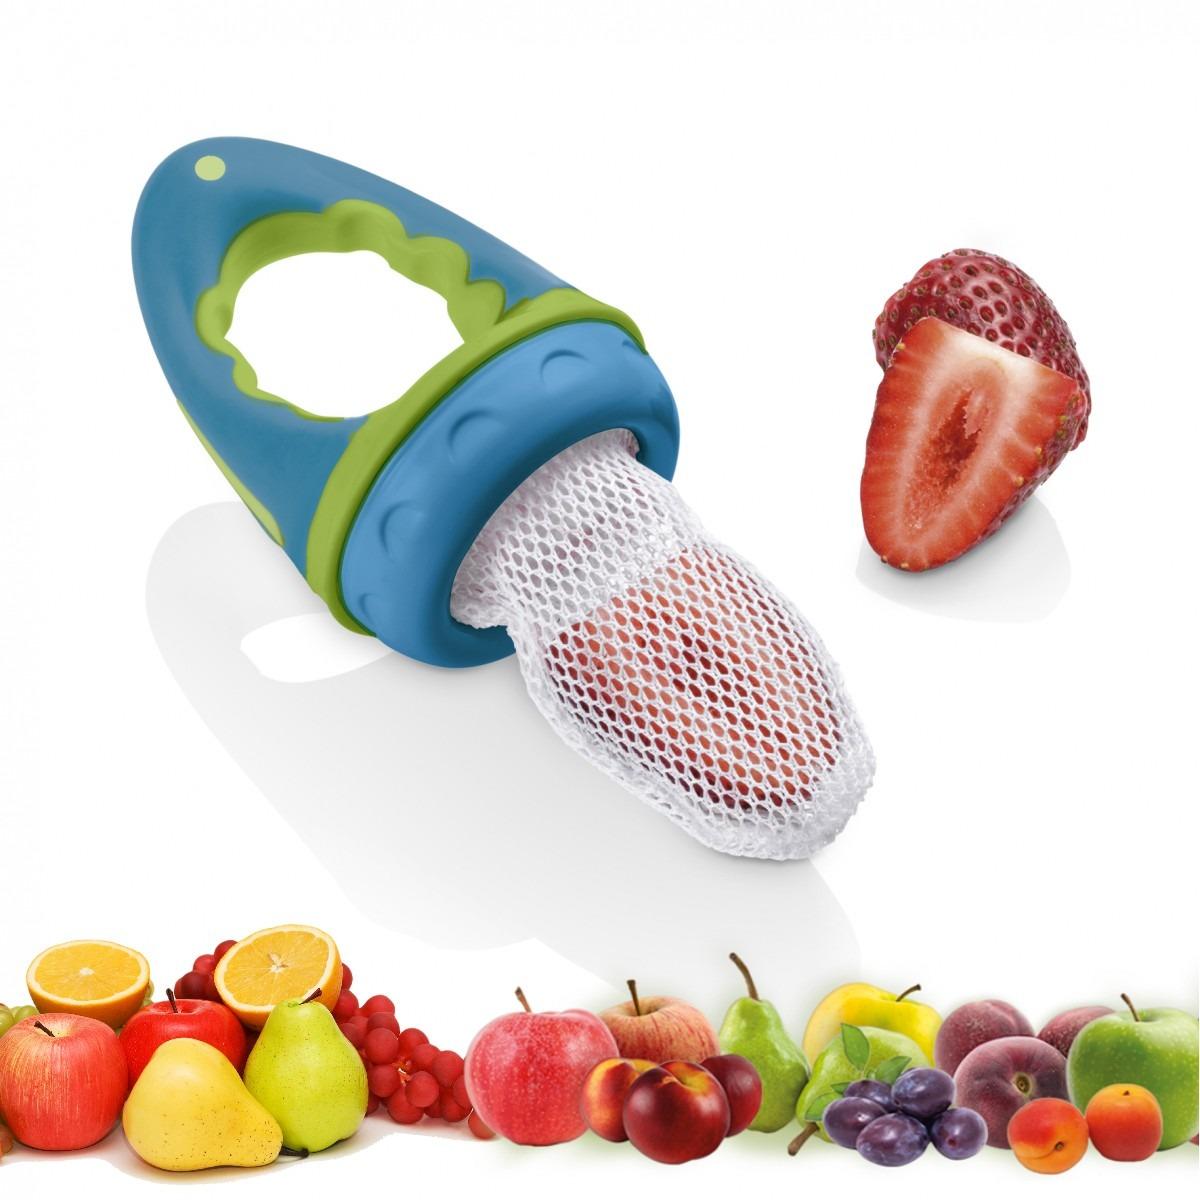 Alimentador para beb de silicone fruta carne legumes r for Comedor de frutas para bebe